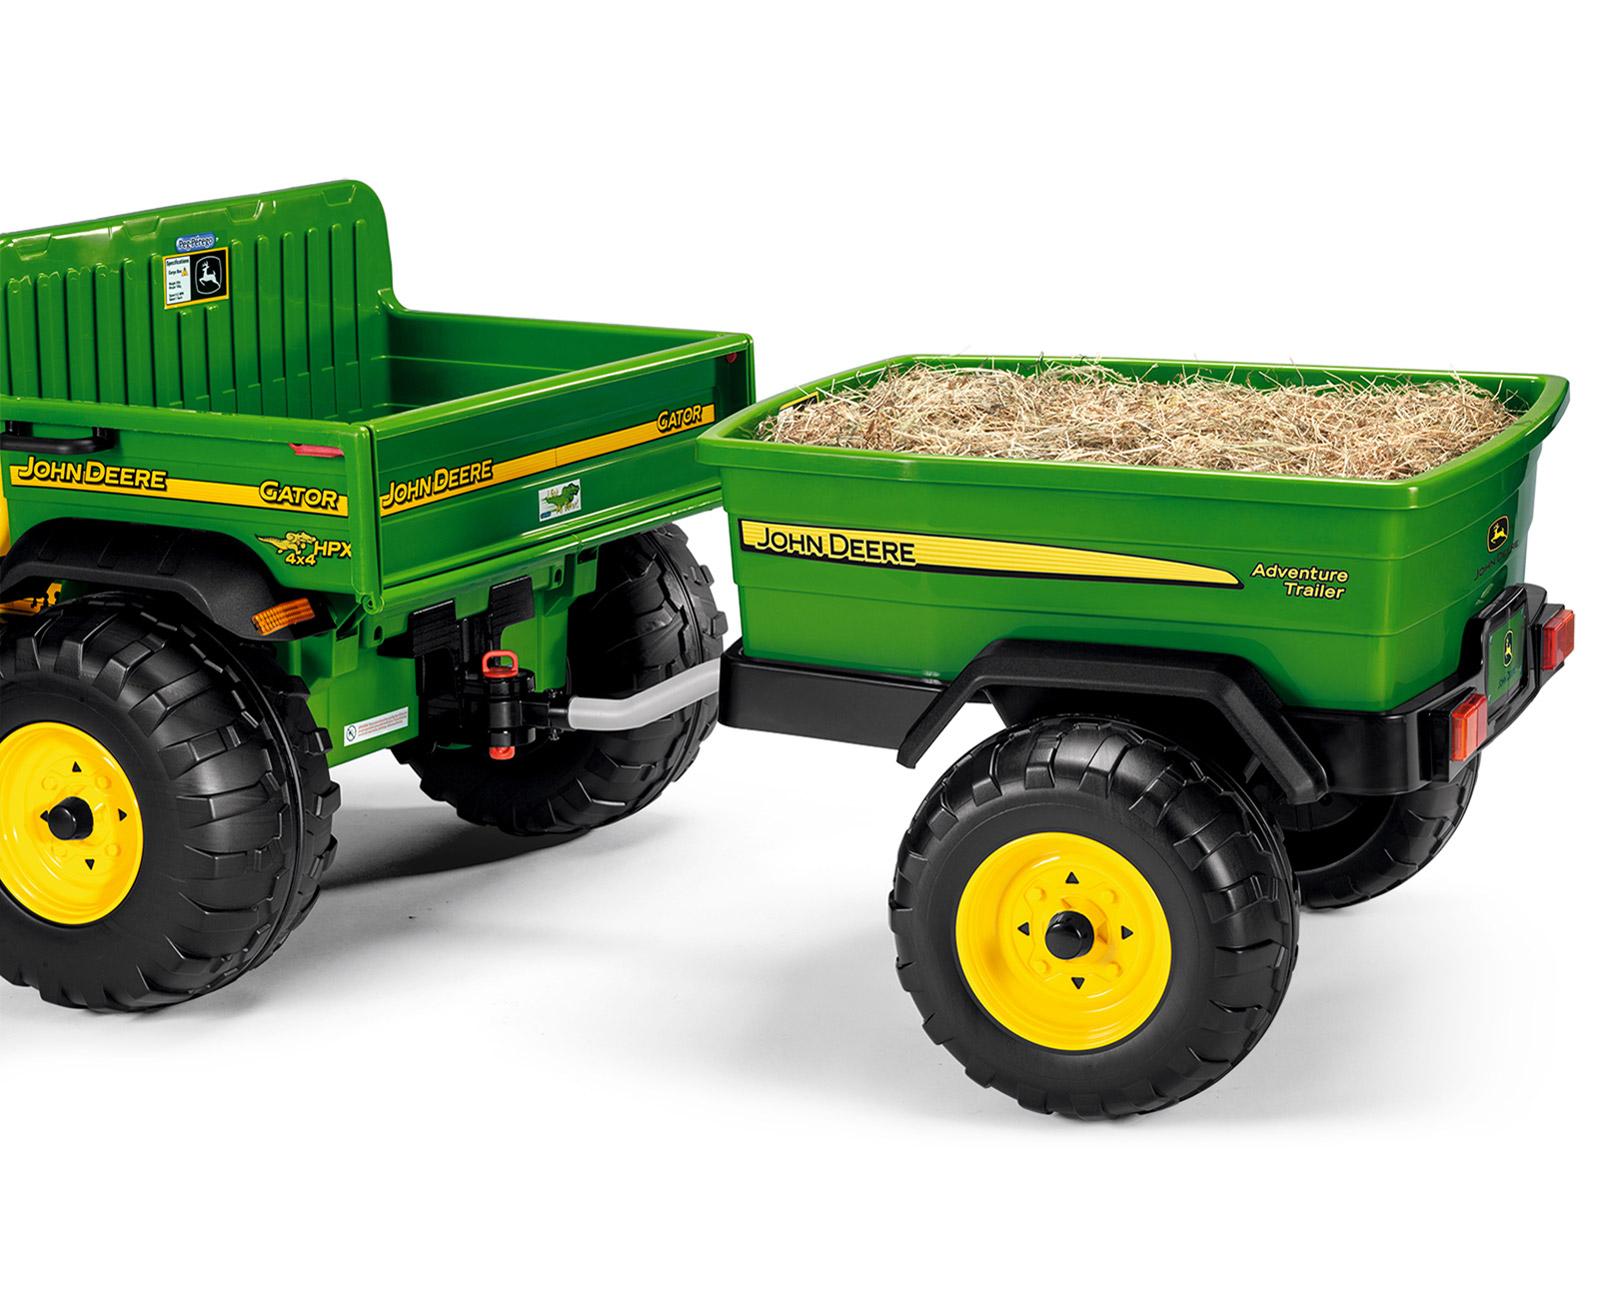 remorca tractor gator